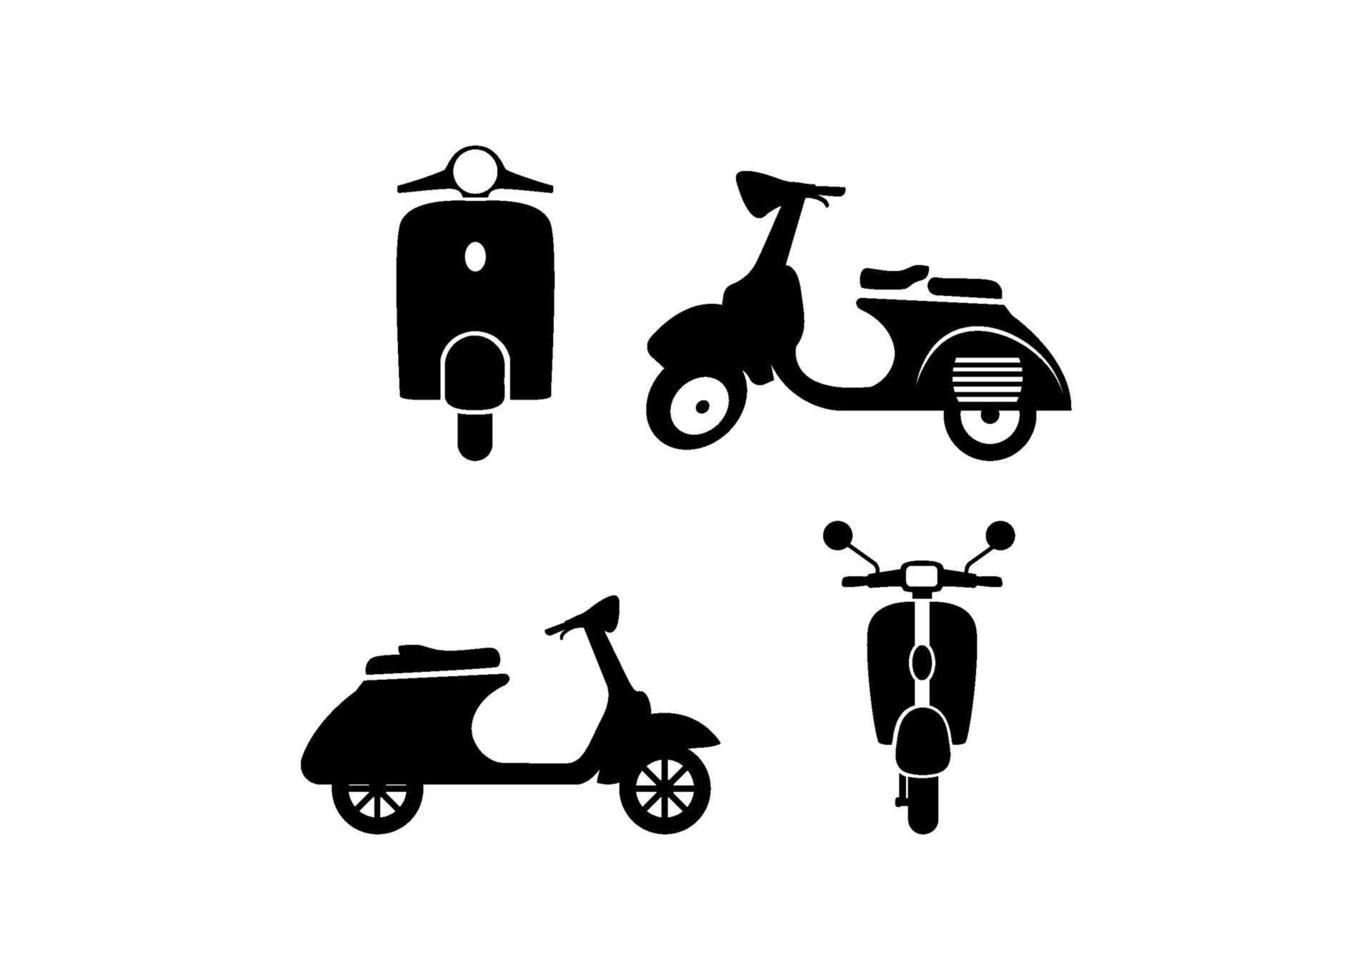 modelo de design de ícone de scooter vespa vetor